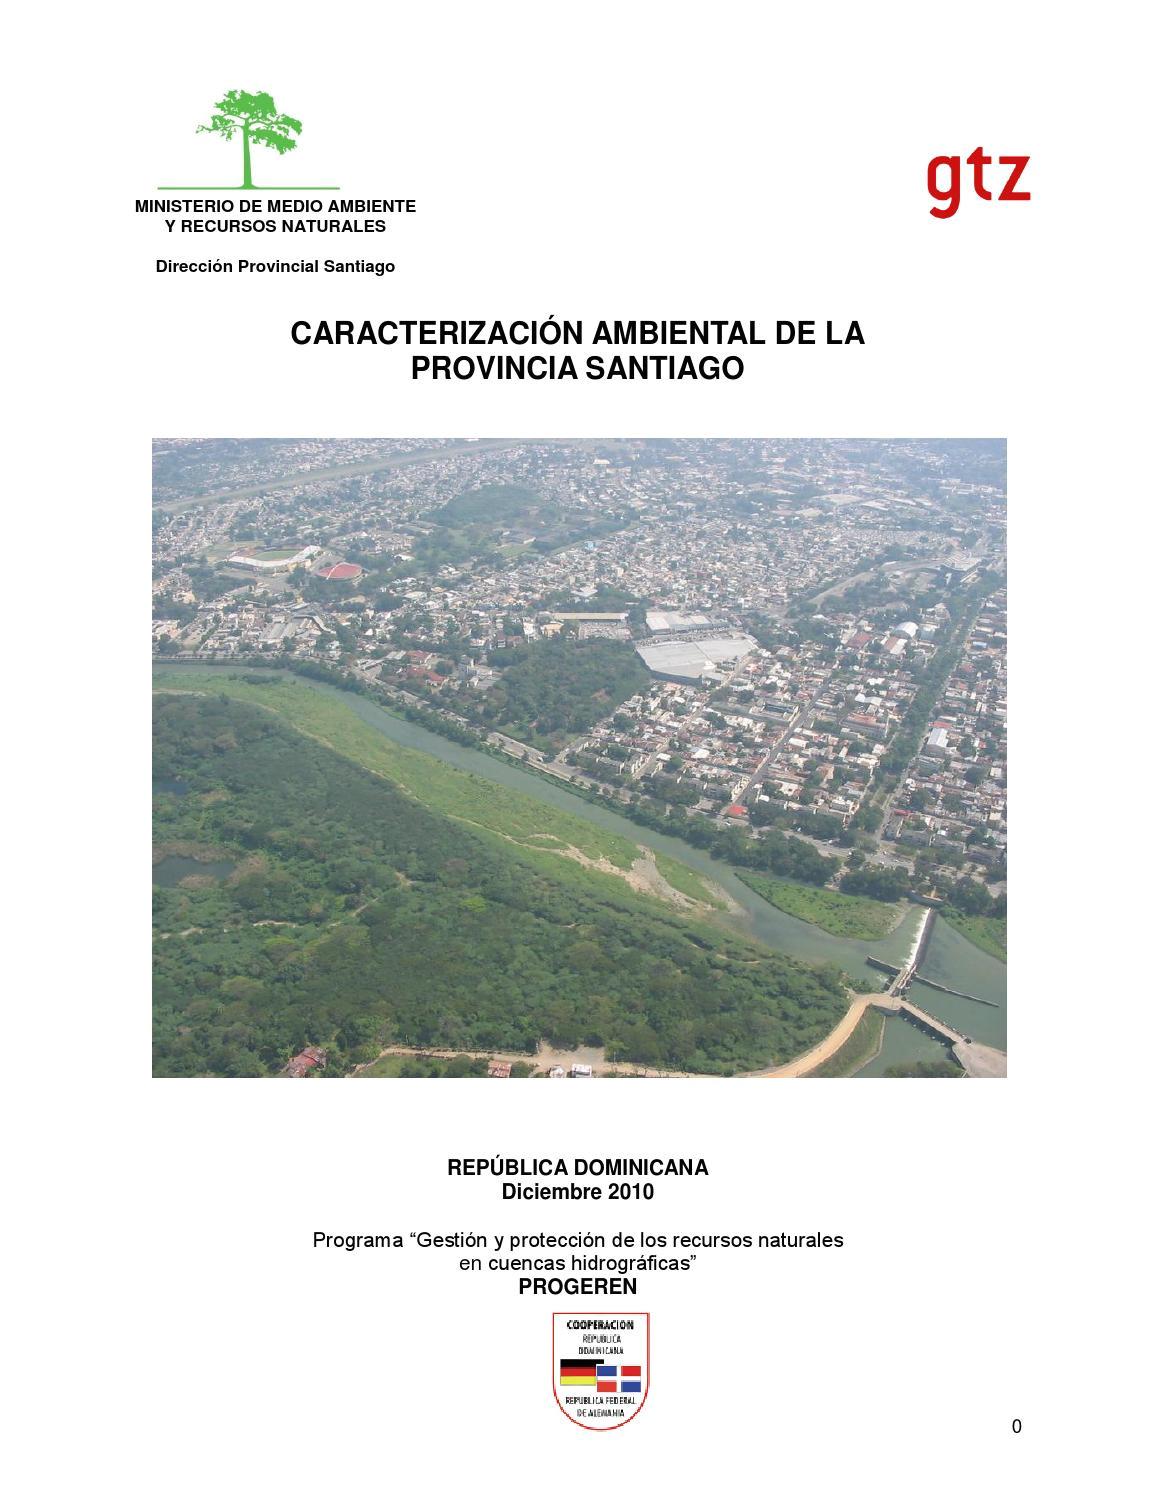 caracterizacia n ambiental de la provincia santiago by consejo para el desarrollo estrategico de santiago cdes issuu